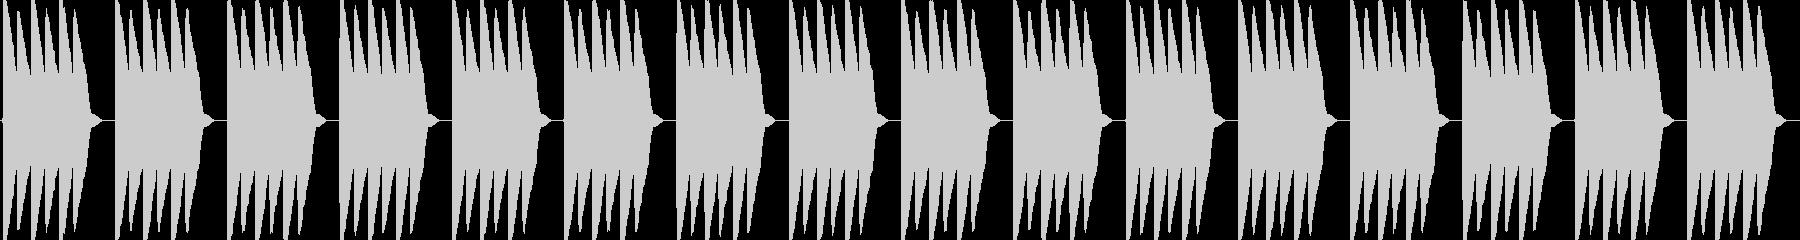 ピロピロピロ(電子目覚まし時計のアラー…の未再生の波形